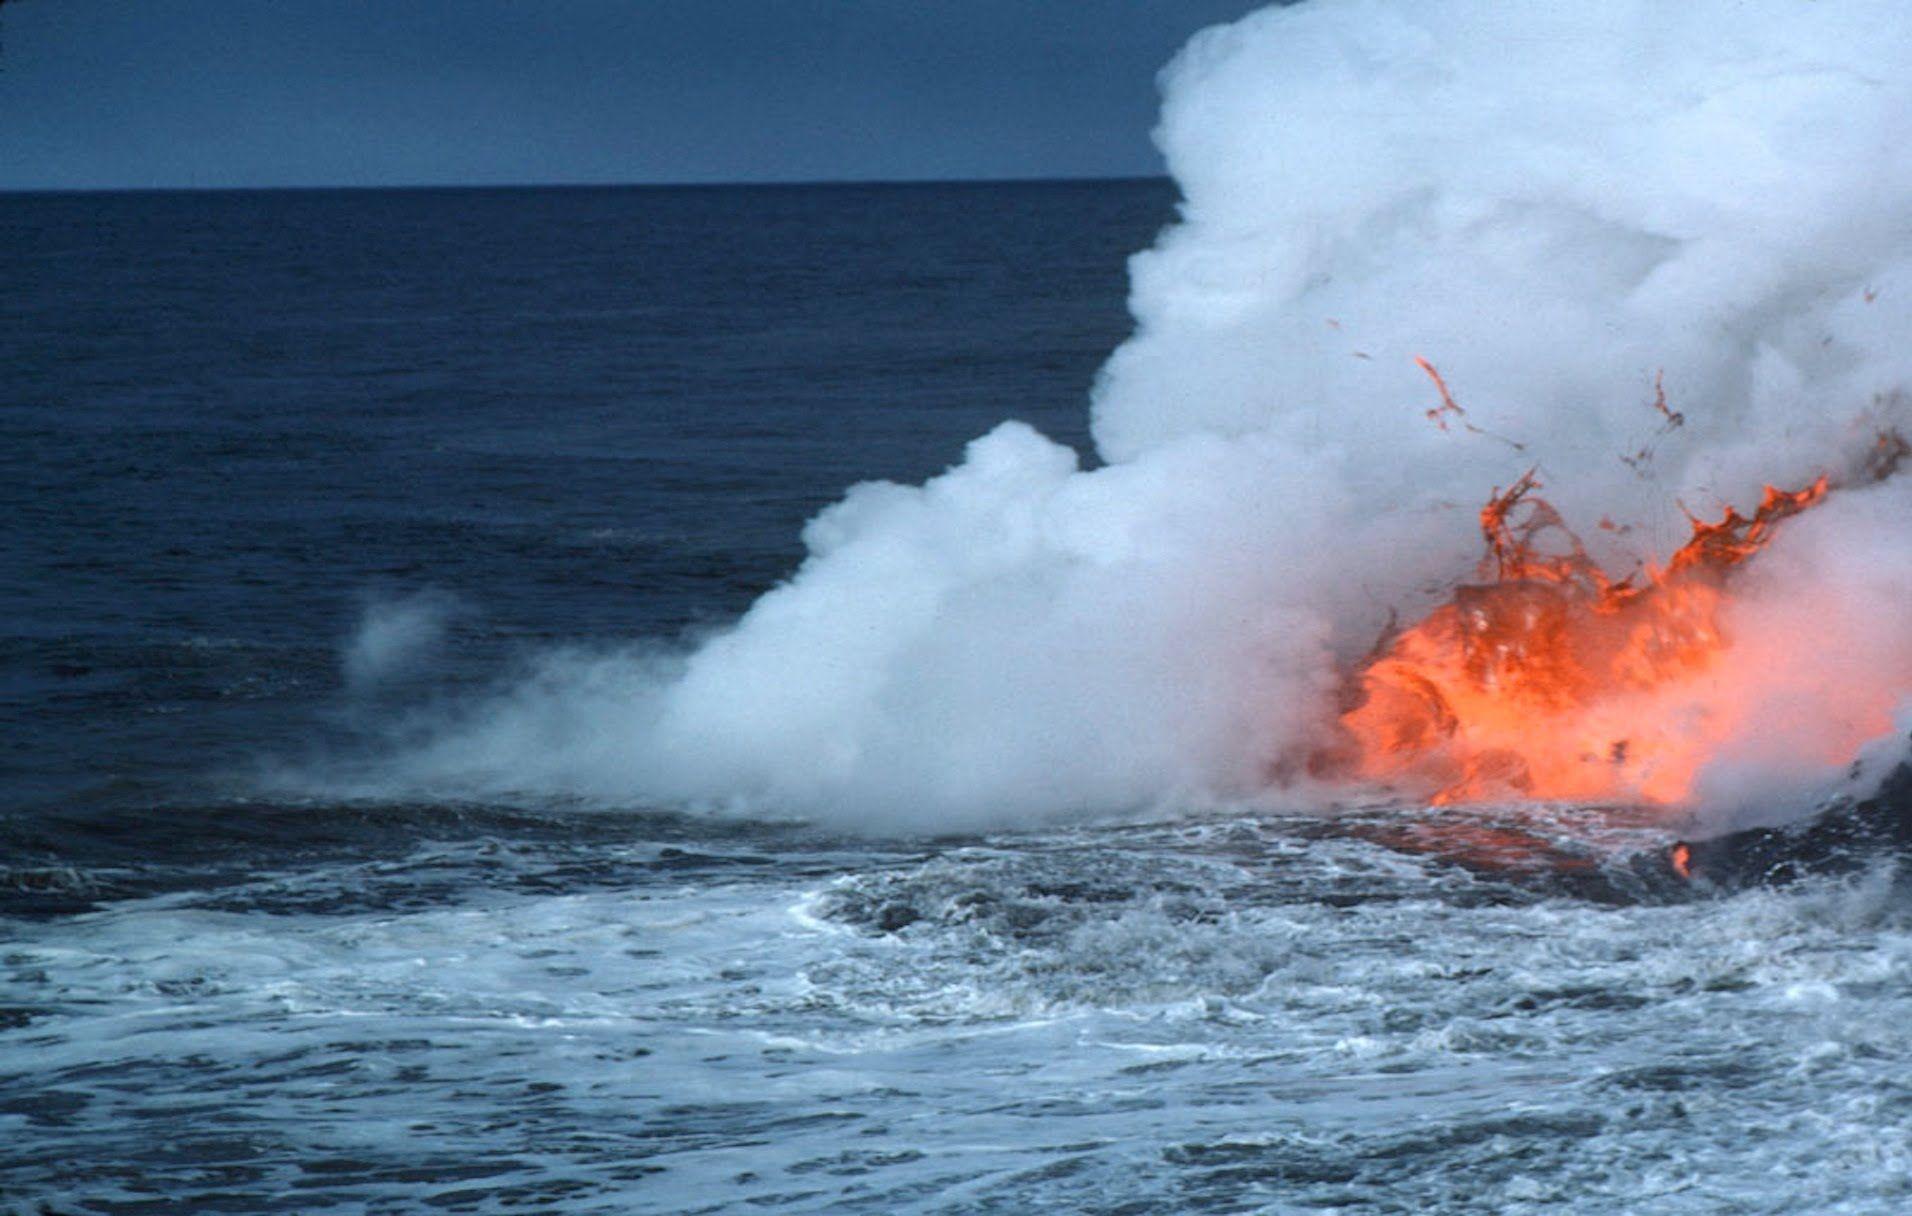 تفسير حلم رؤية البحر الهائج Volcano Virtual Field Trips Underwater